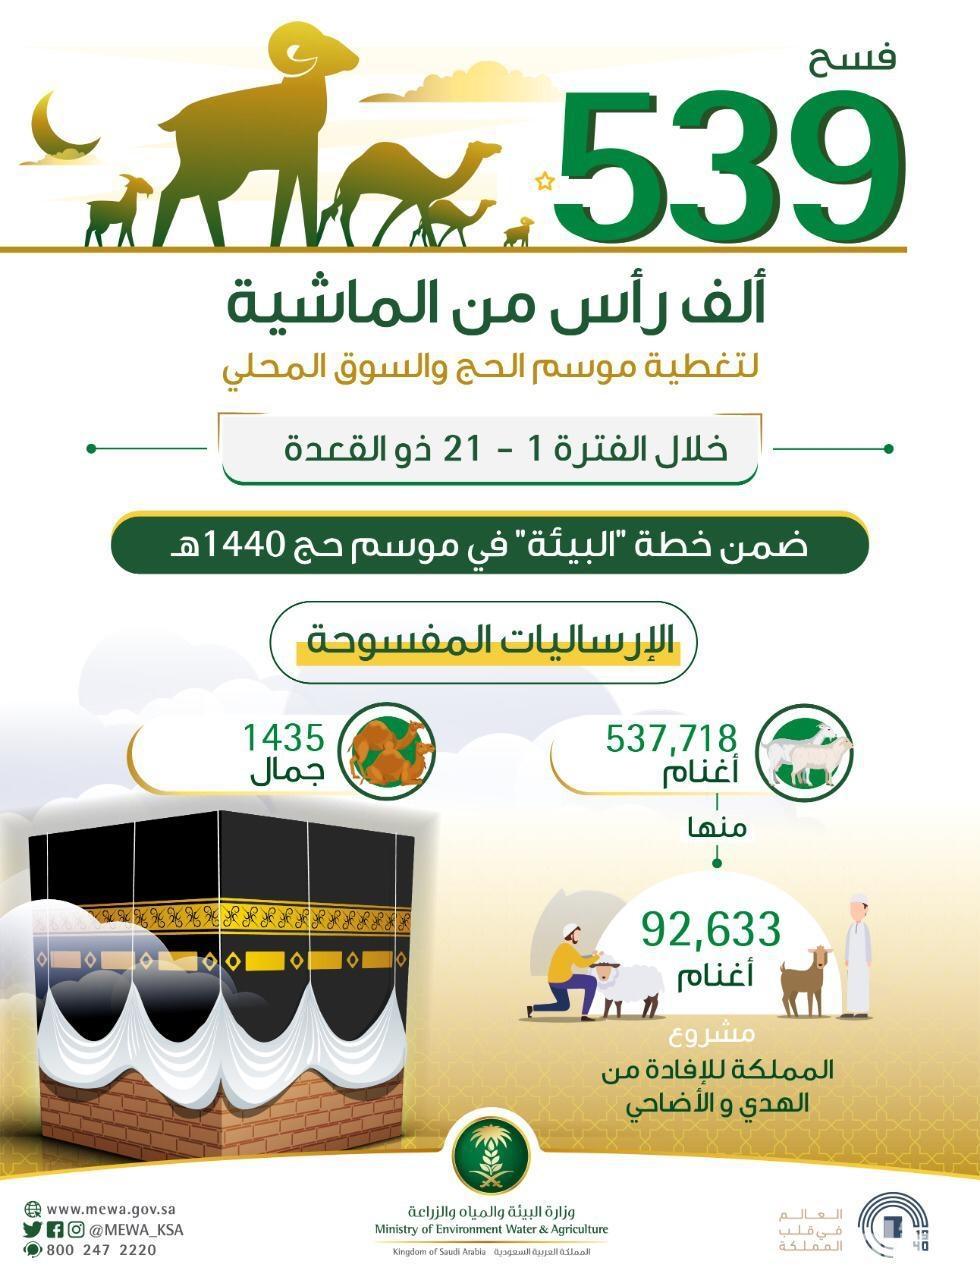 """""""البيئة"""": فسح 539 ألف رأس من الماشية منذ مطلع ذي القعدة"""